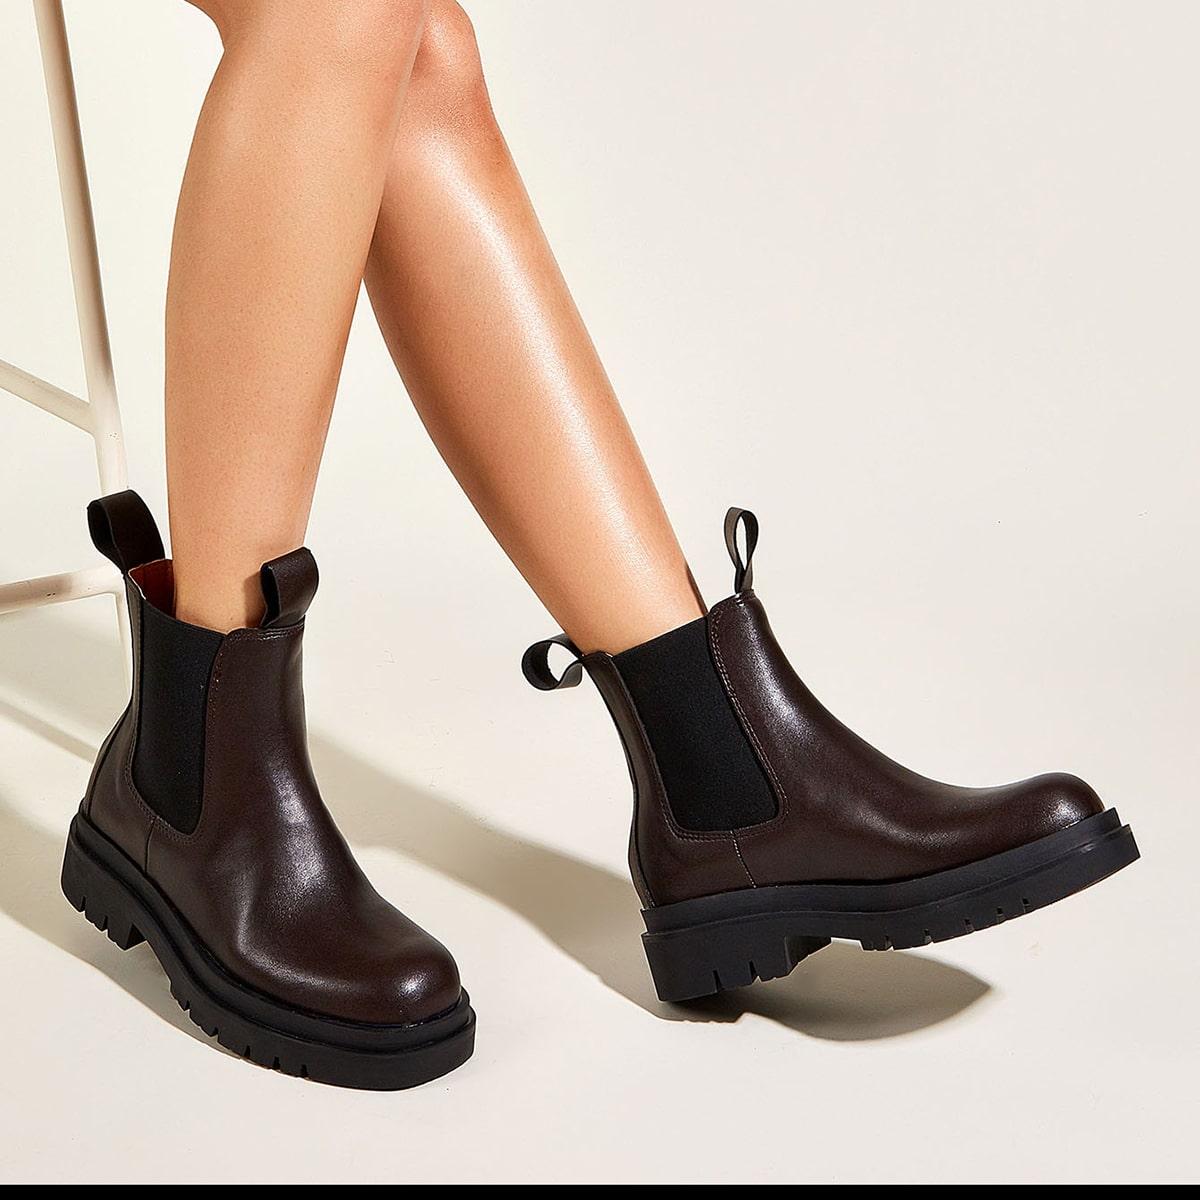 SHEIN / Minimalistischer Chelsea Stiefel